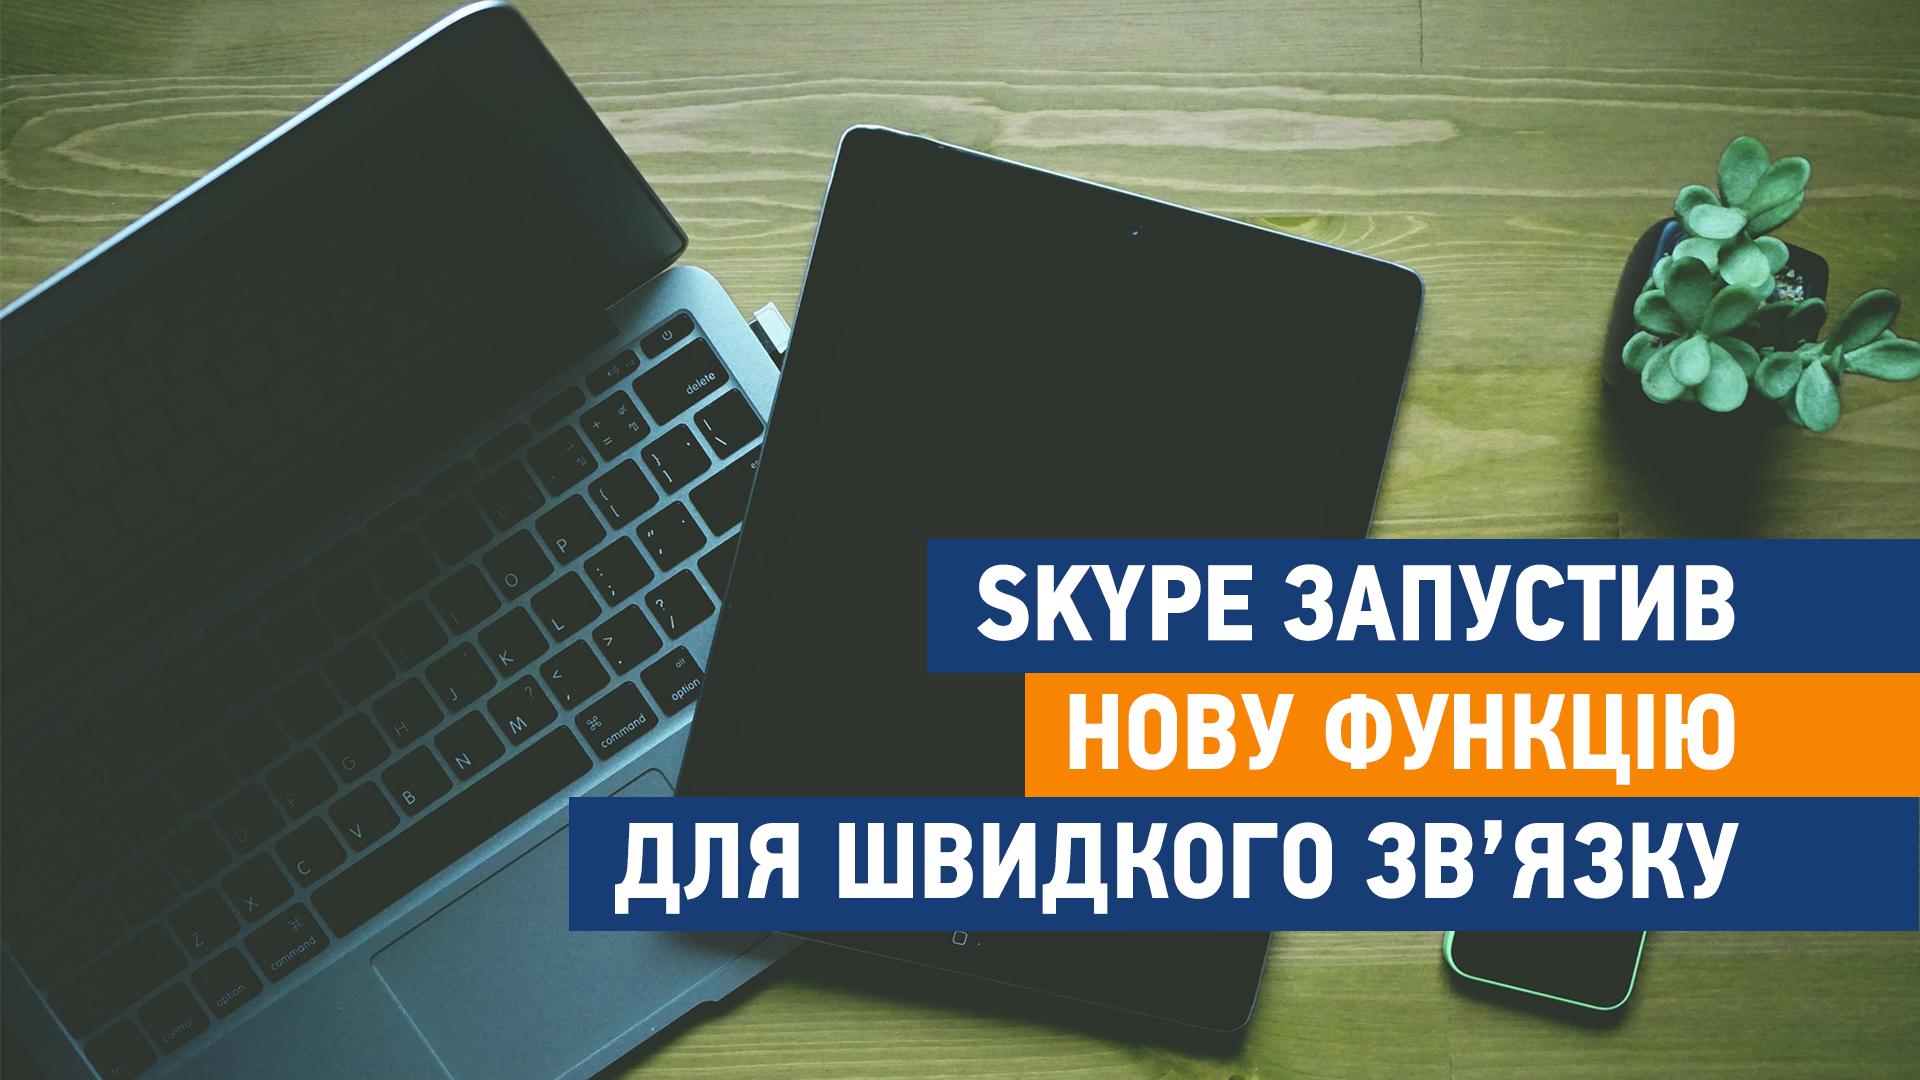 Skype: з Meet Now відеоконференції можливі без реєстрації - конференція - skype